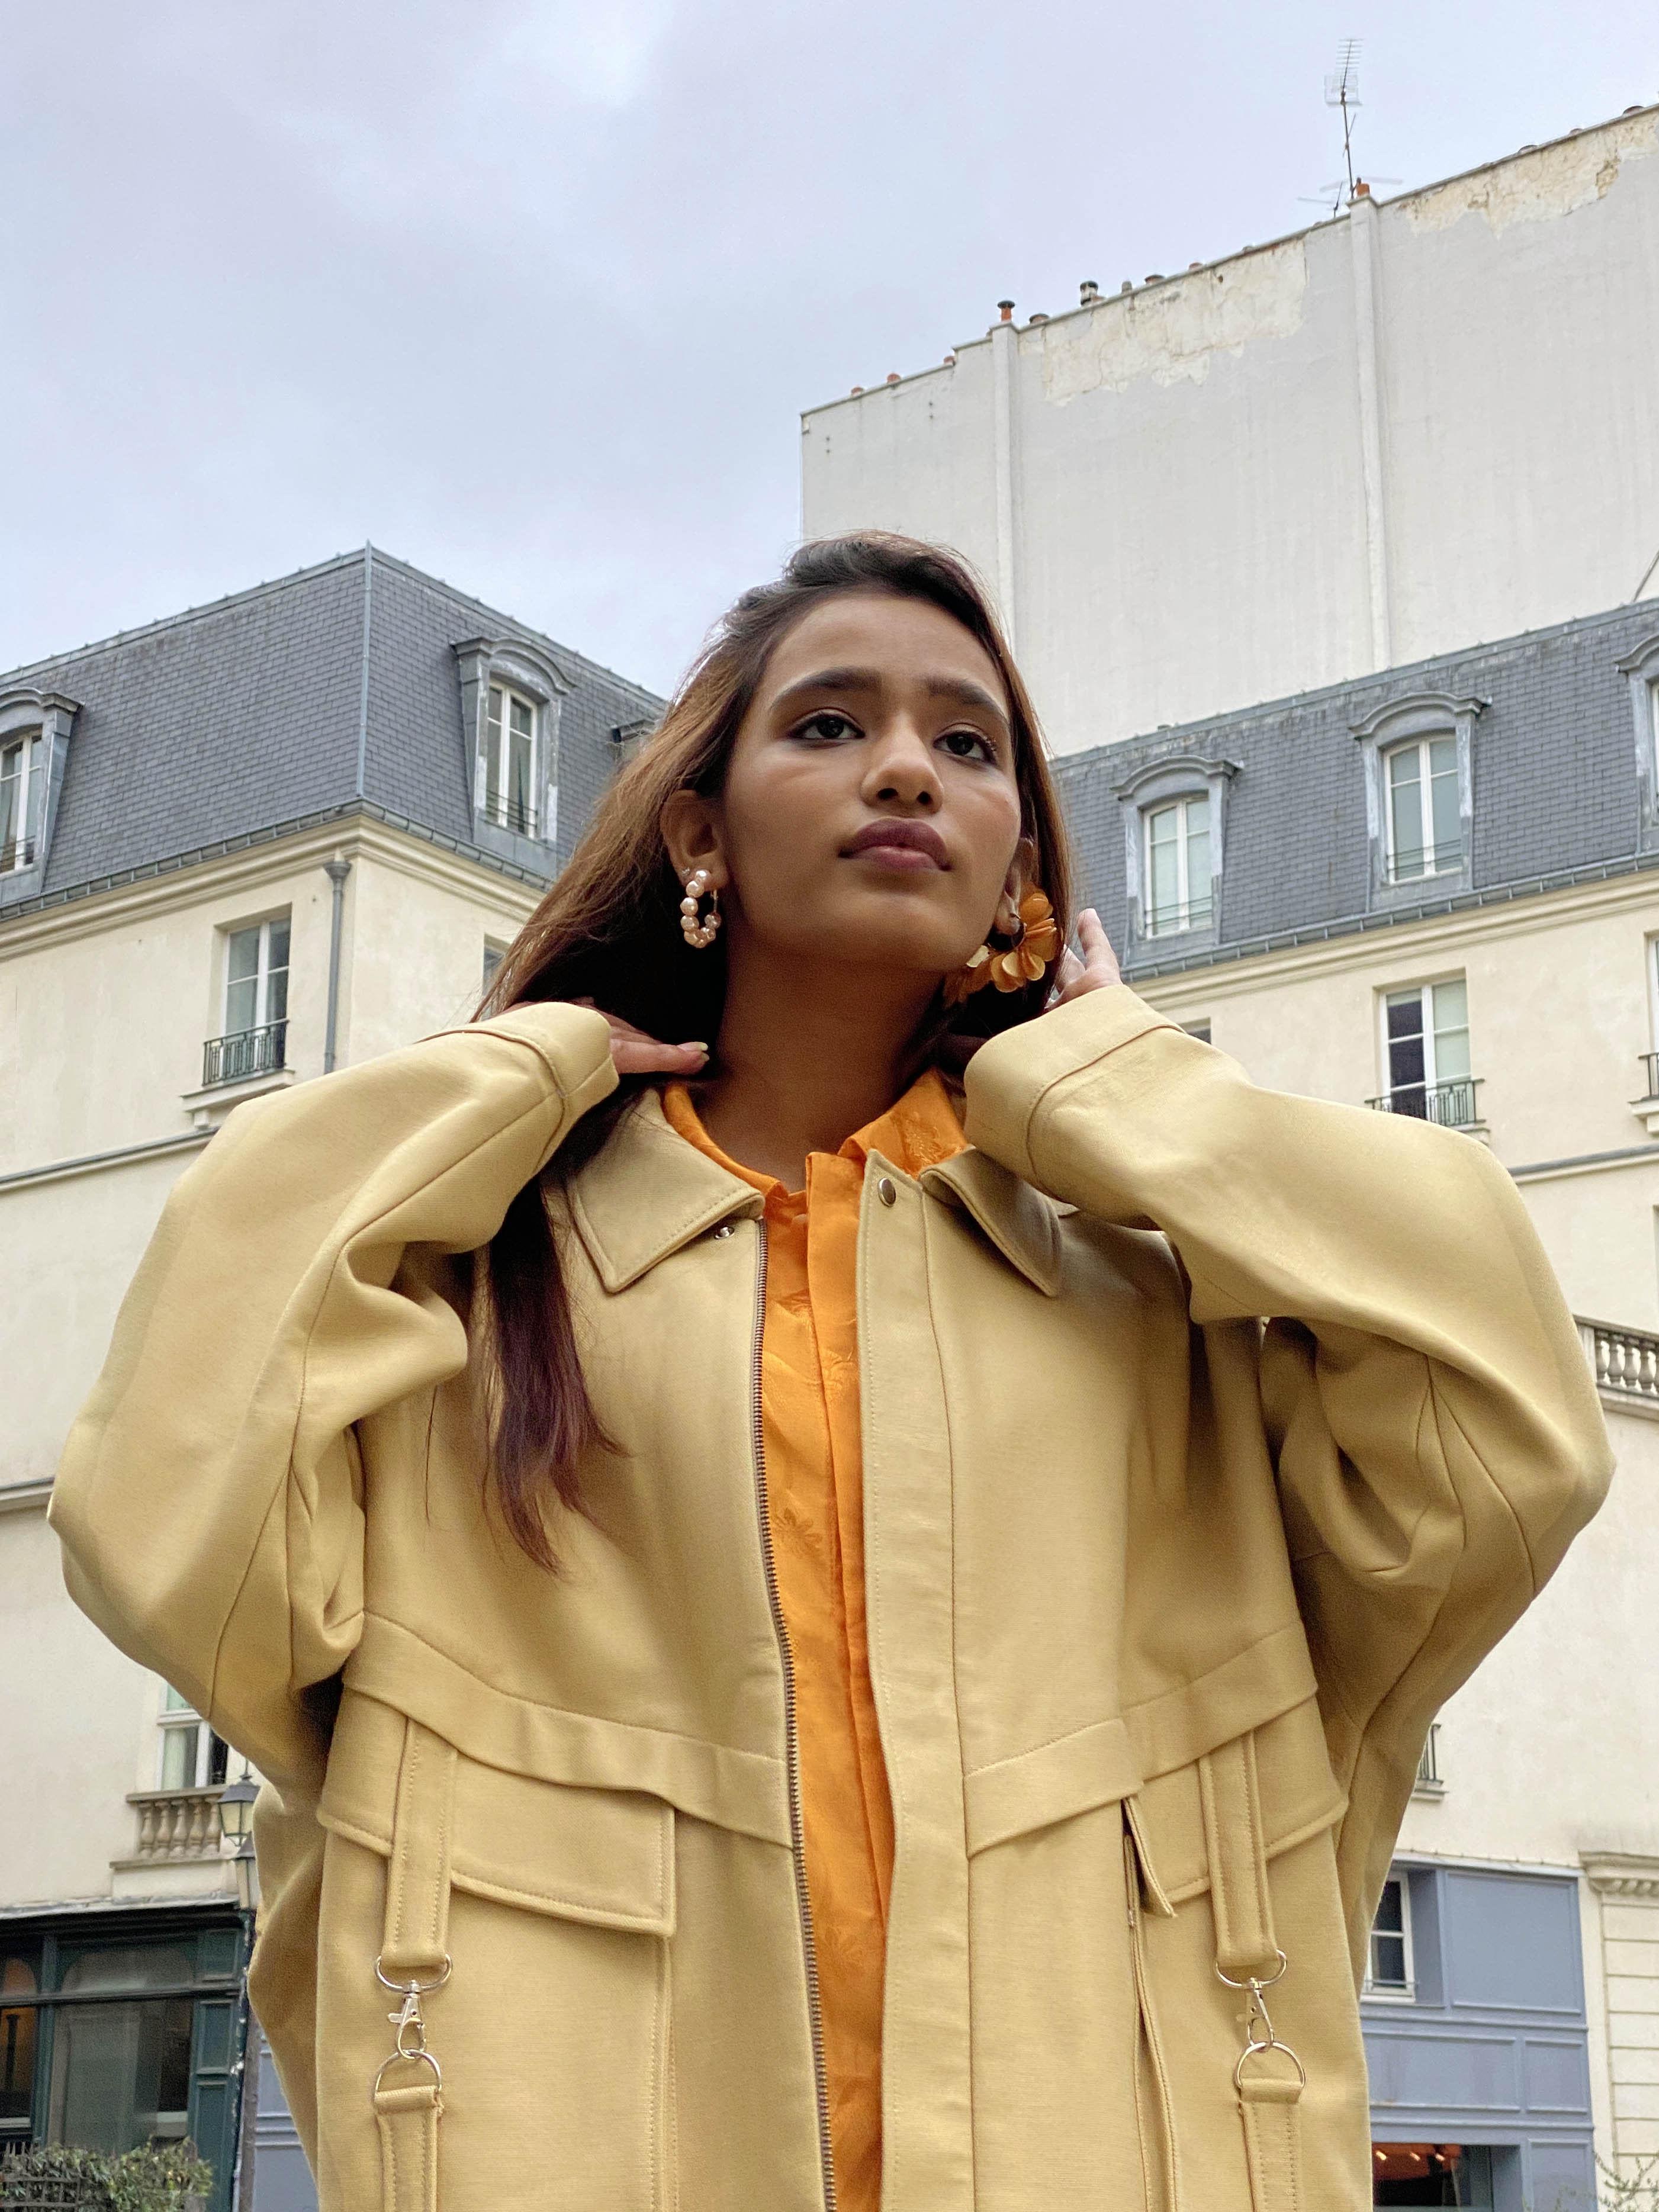 Modèle Studio Paillette qui porte le look Pant Rose Chemise Orange